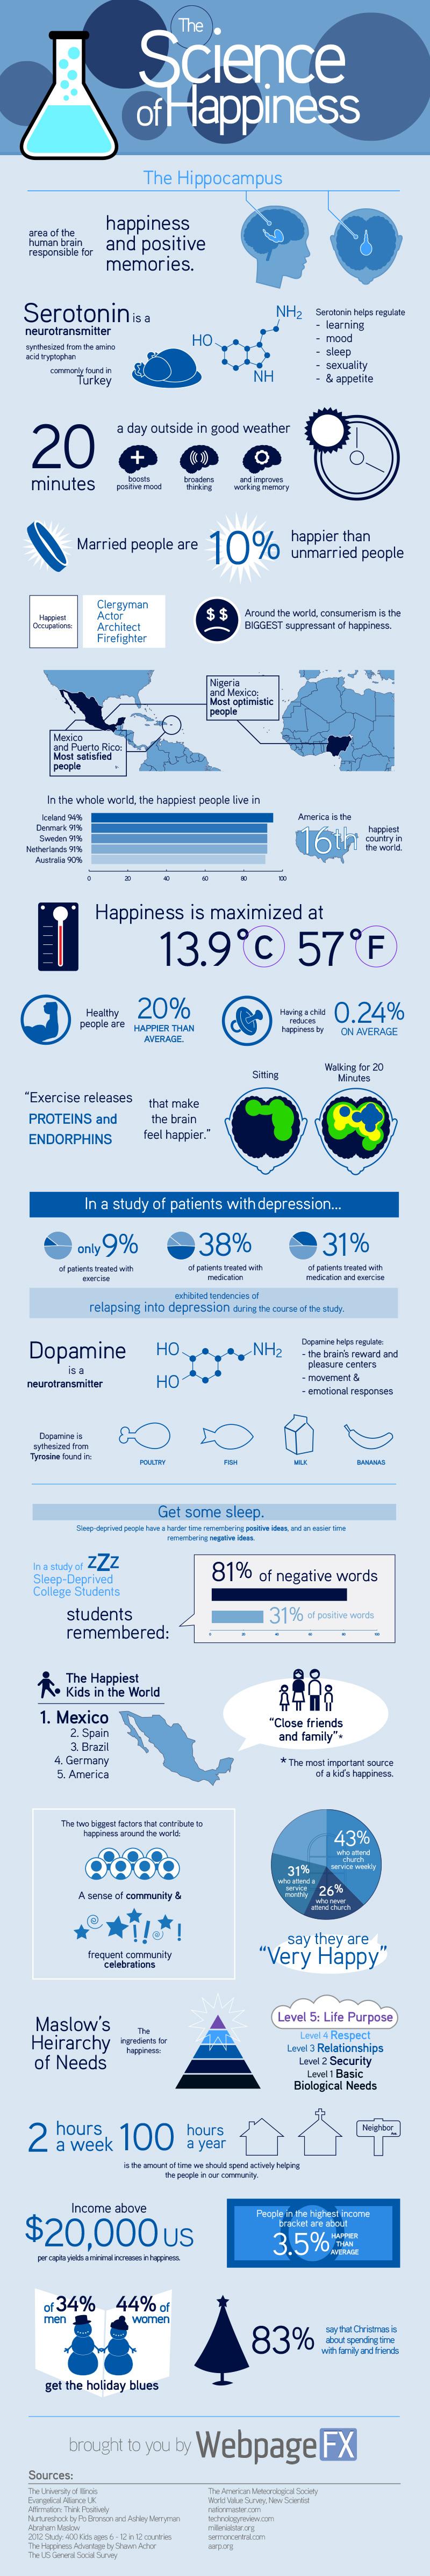 HowToBeHappy_infographic